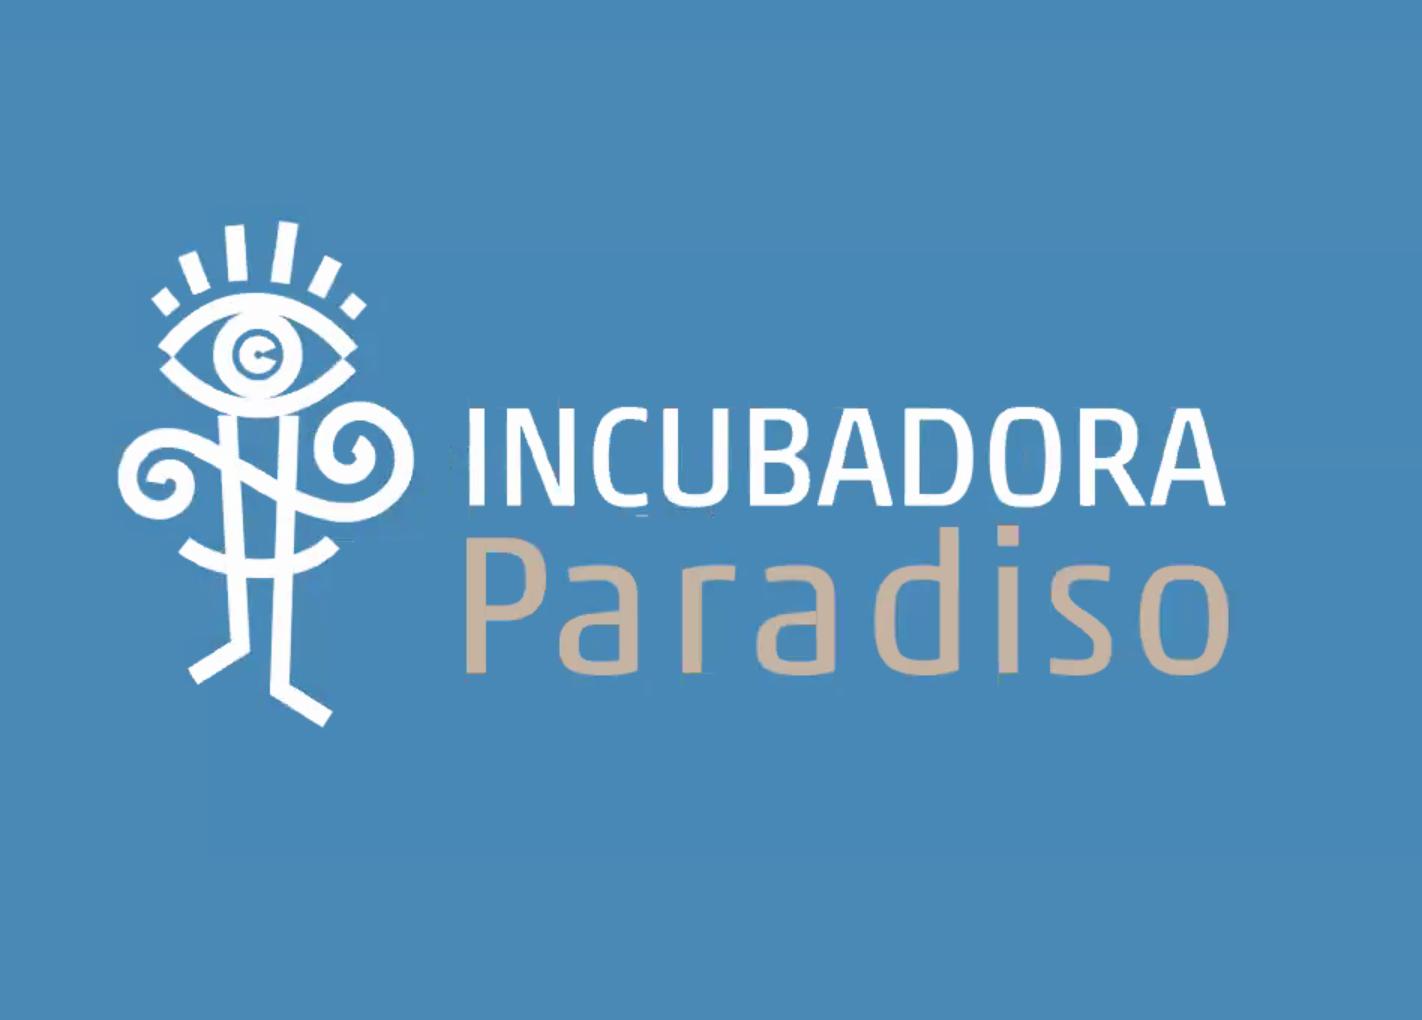 Oportunidade na Incubadora Paradiso 2022: Mostra SP com inscrições abertas